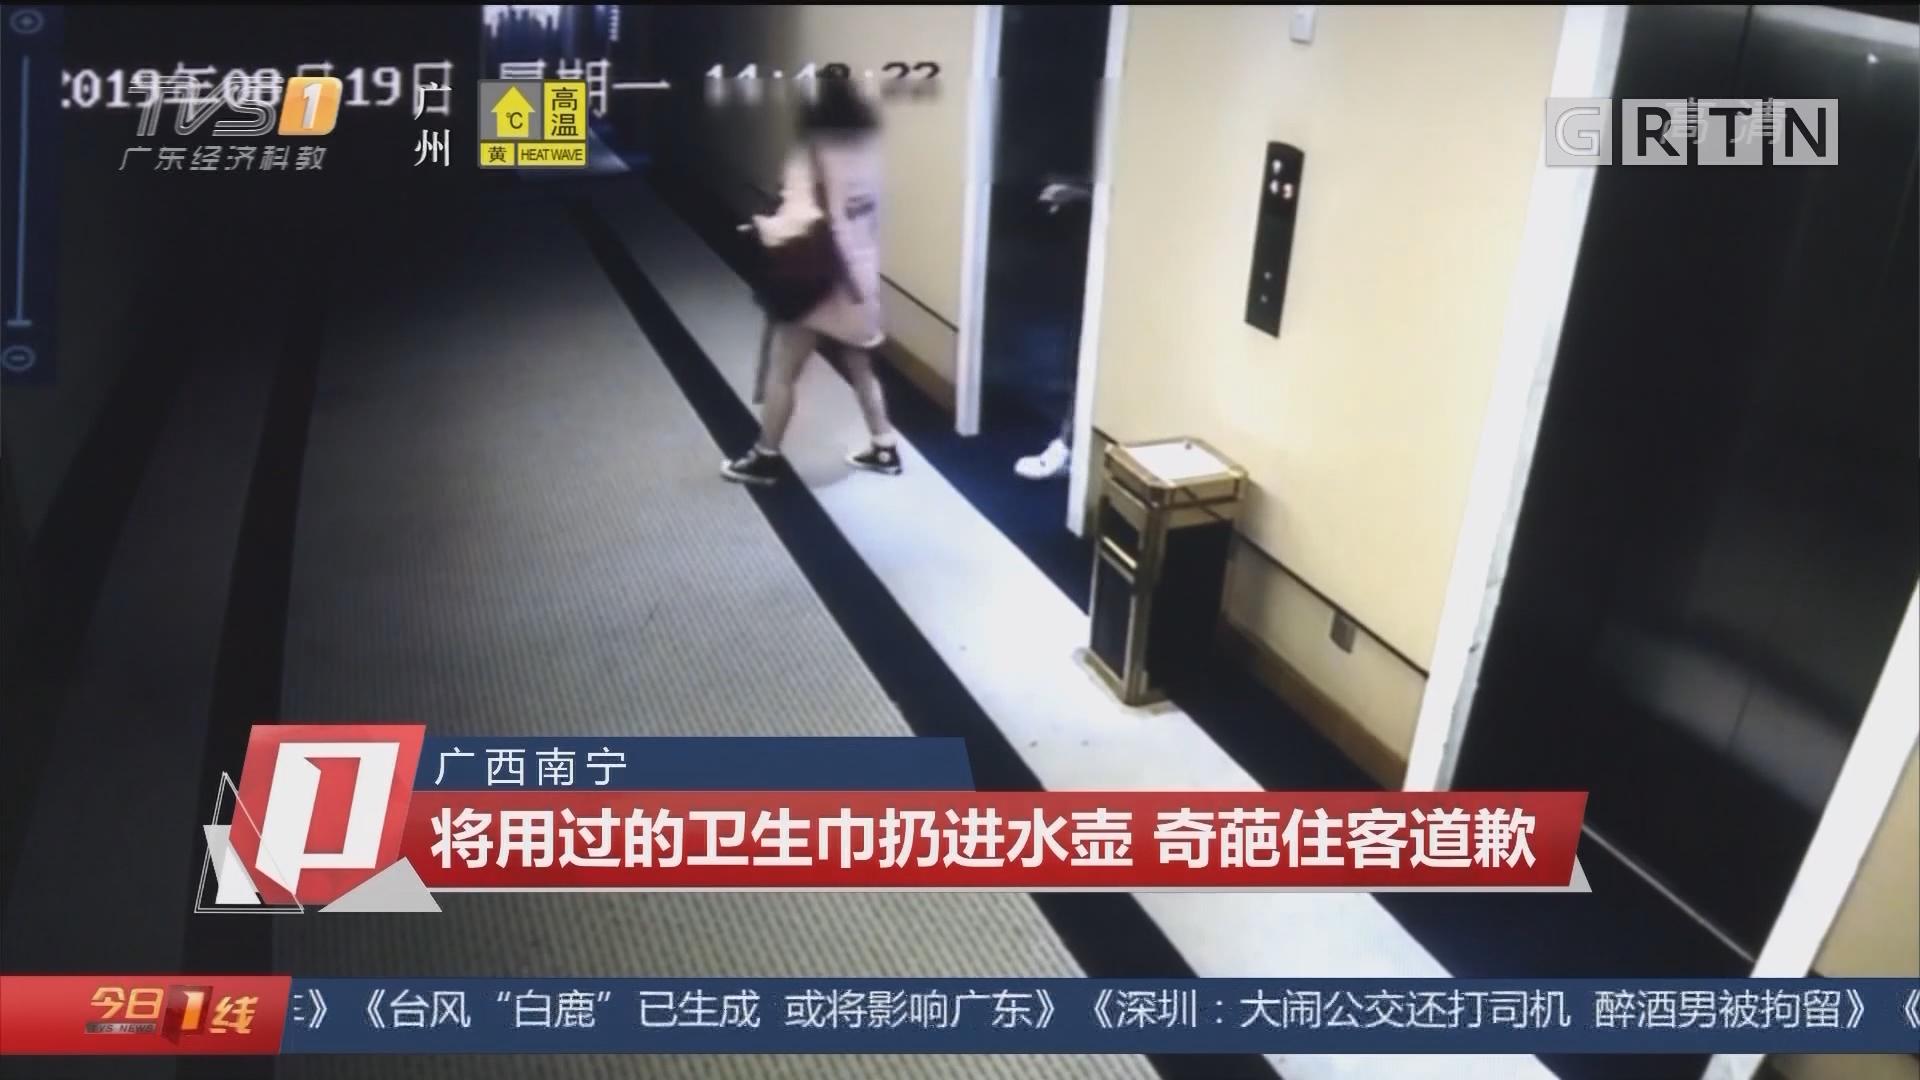 廣西南寧:將用過的衛生巾扔進水壺 奇葩住客道歉